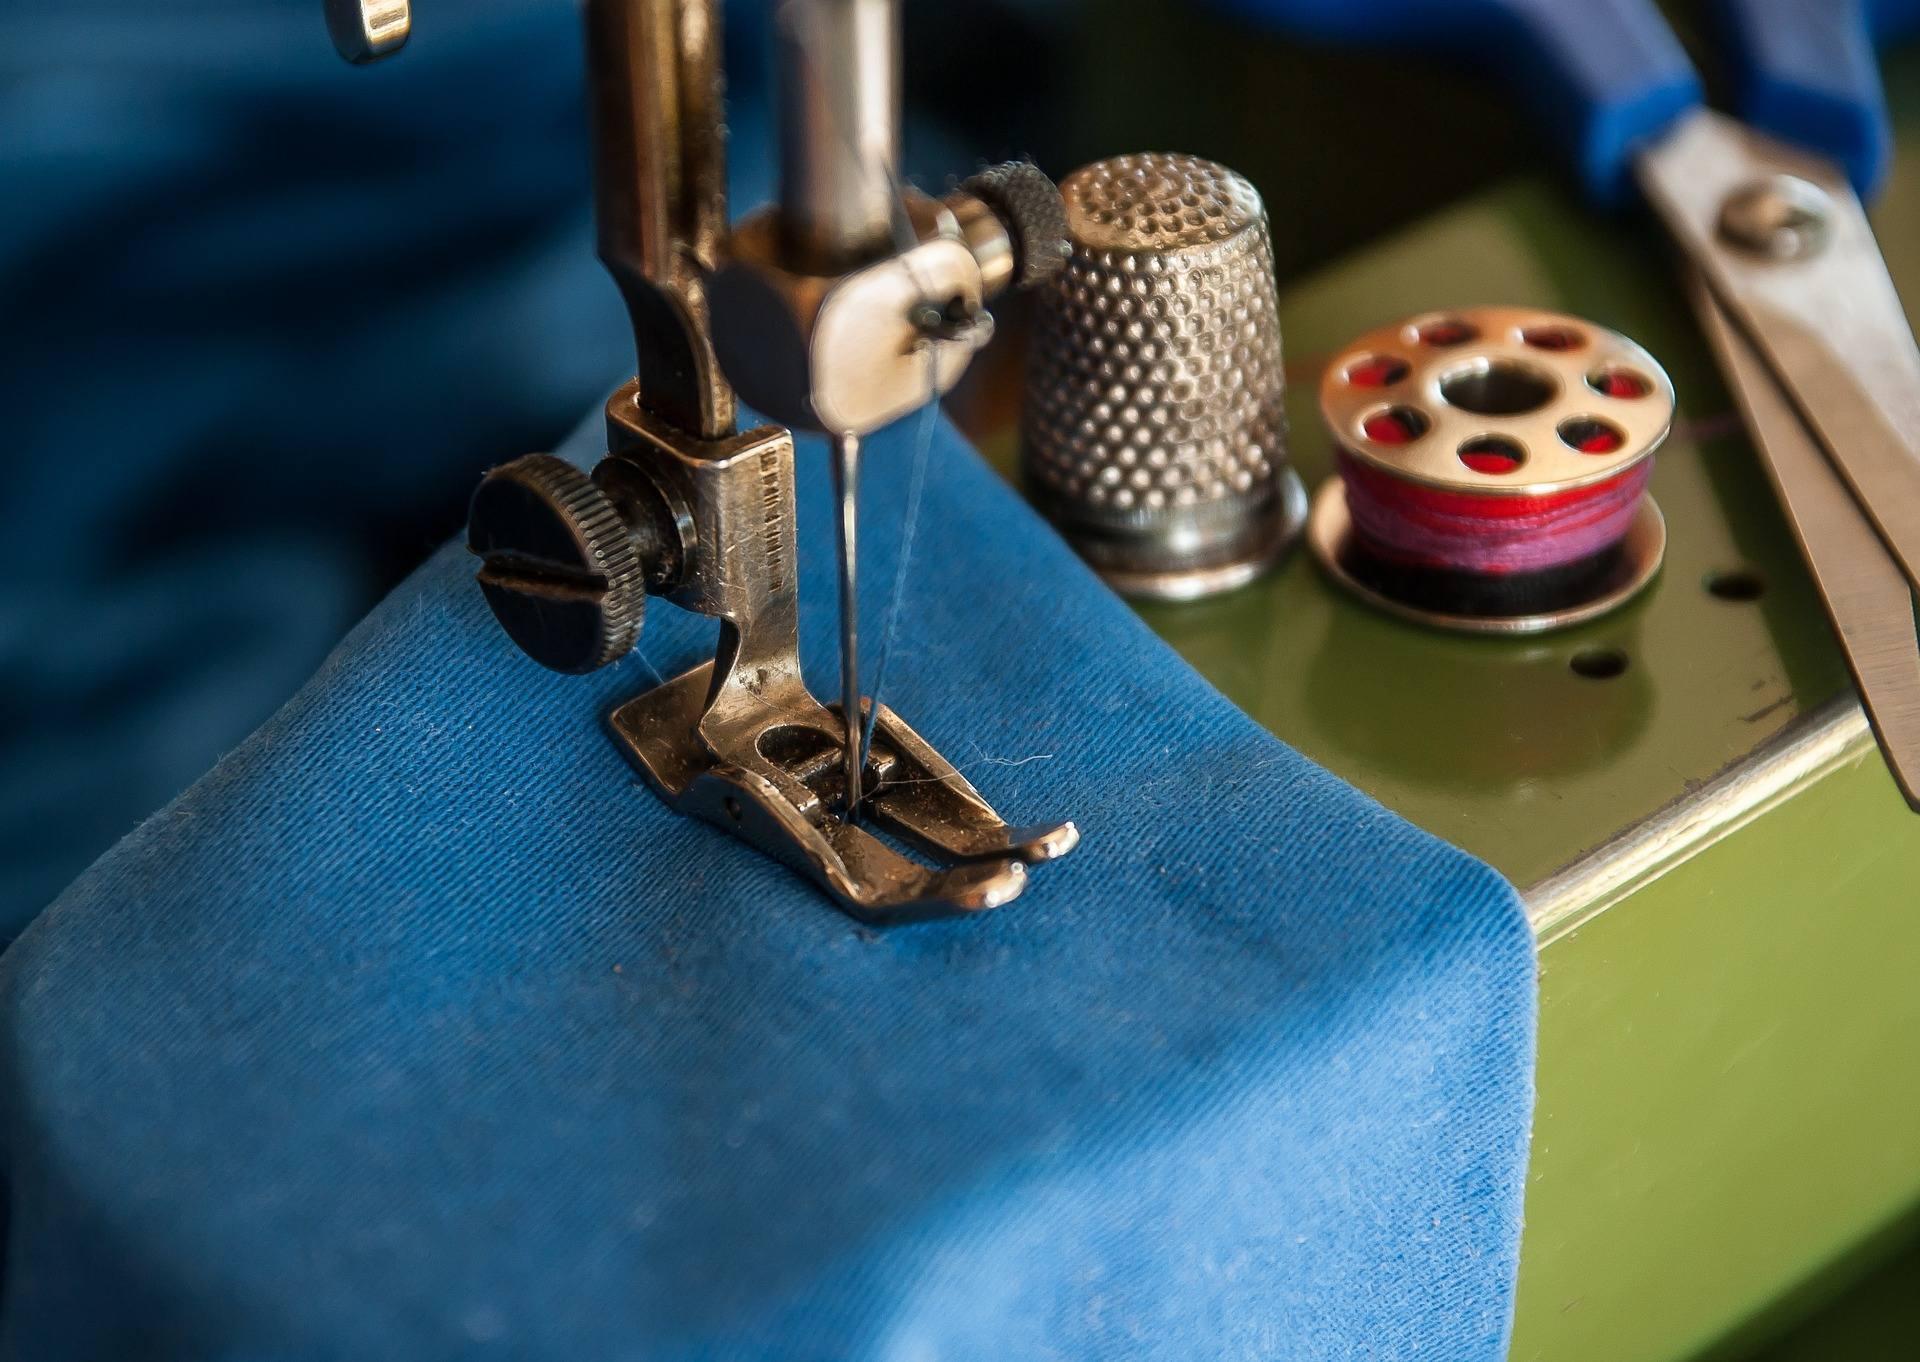 Los 10 fallos más comunes en una máquina de coser